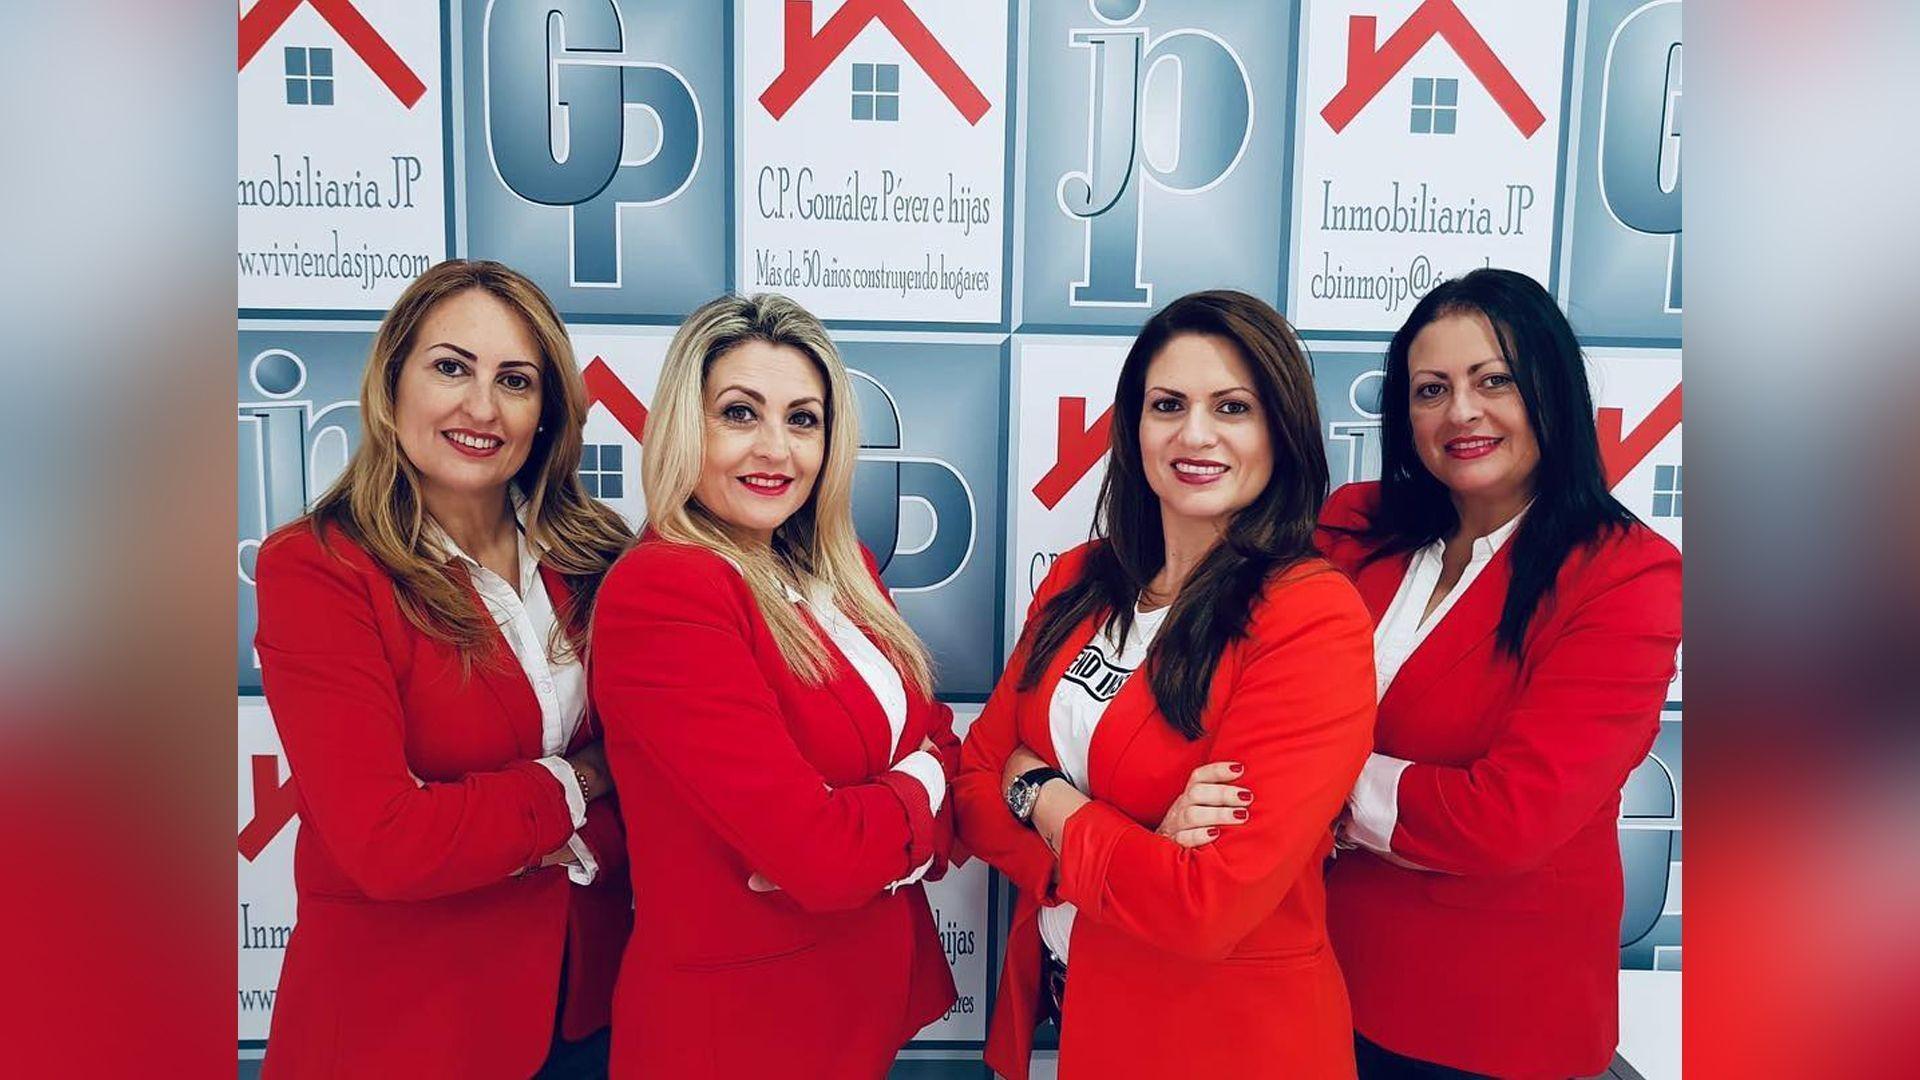 Agencia inmobiliaria en Santa Cruz de Tenerife